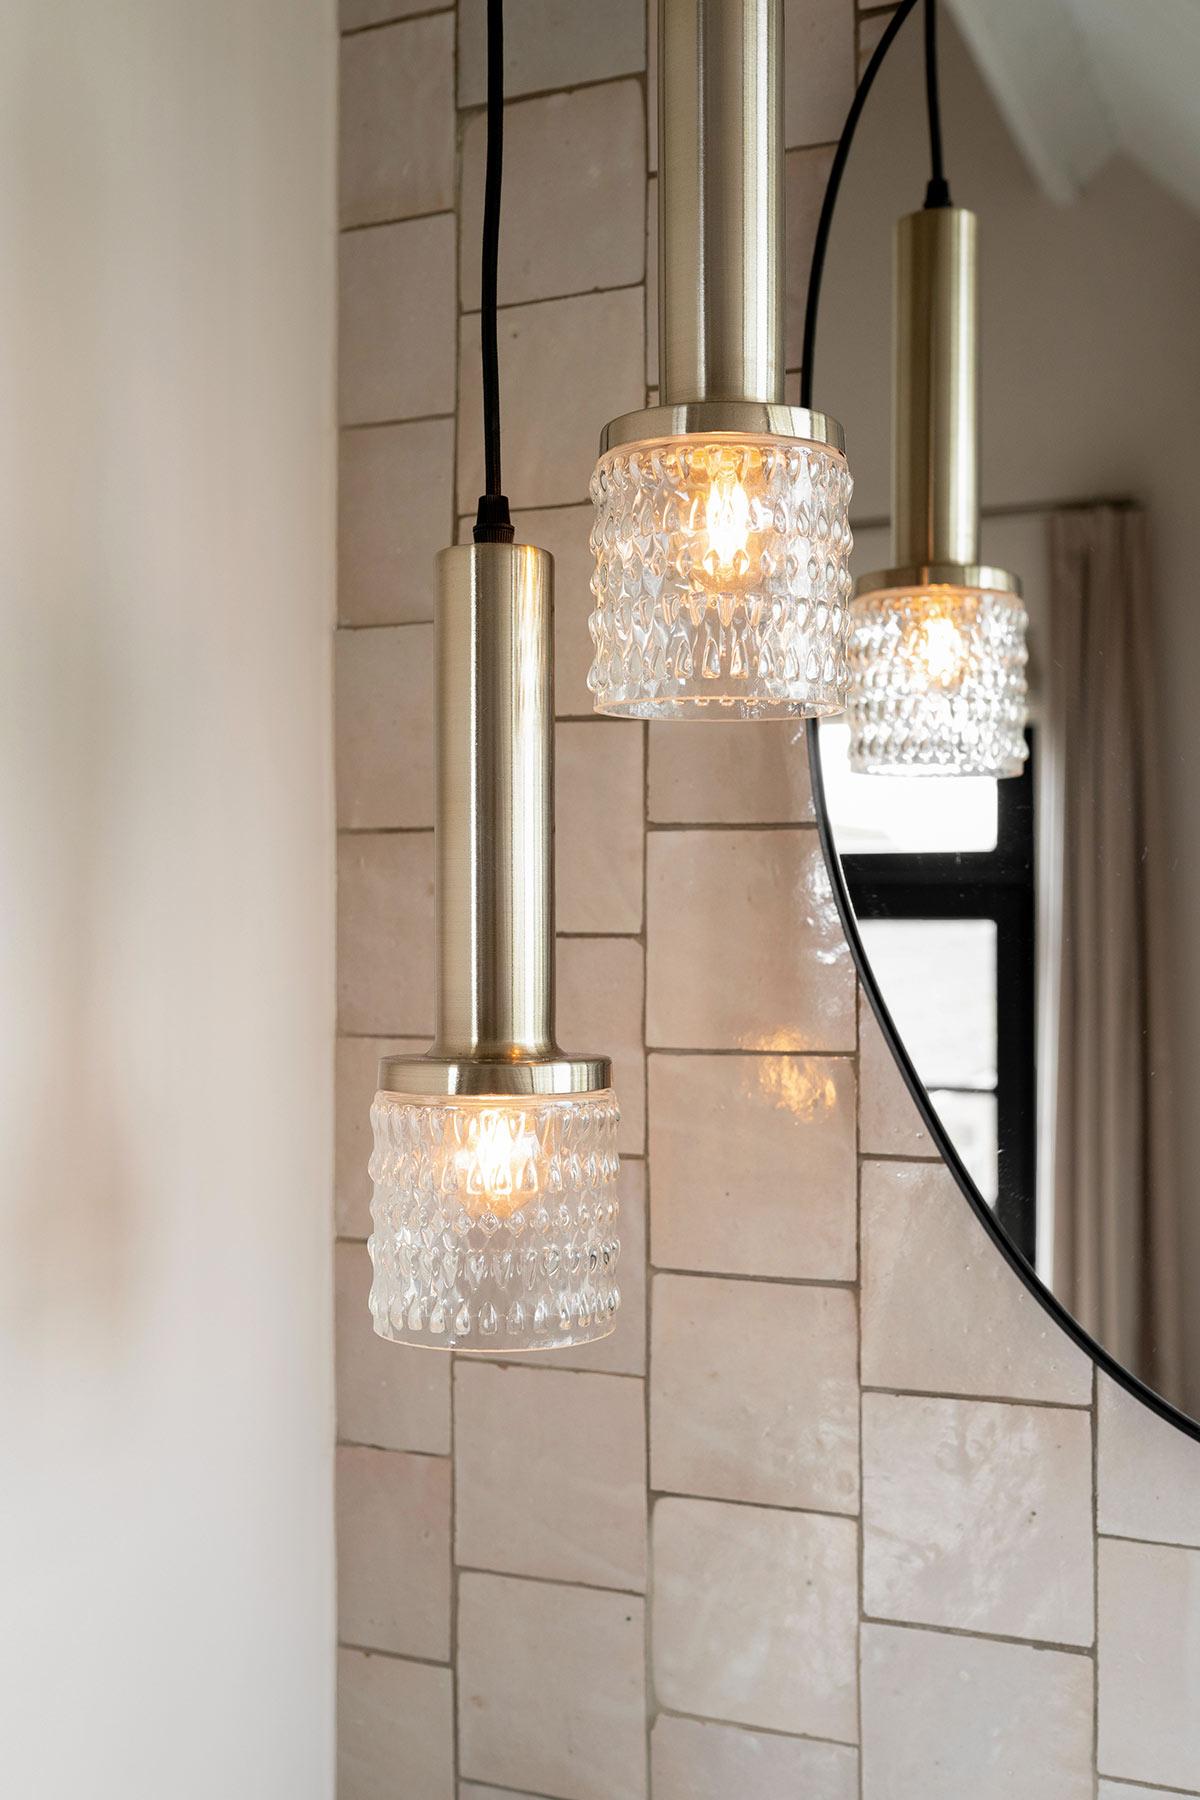 Verlichting badkamer - Tanja van Hoogdalem